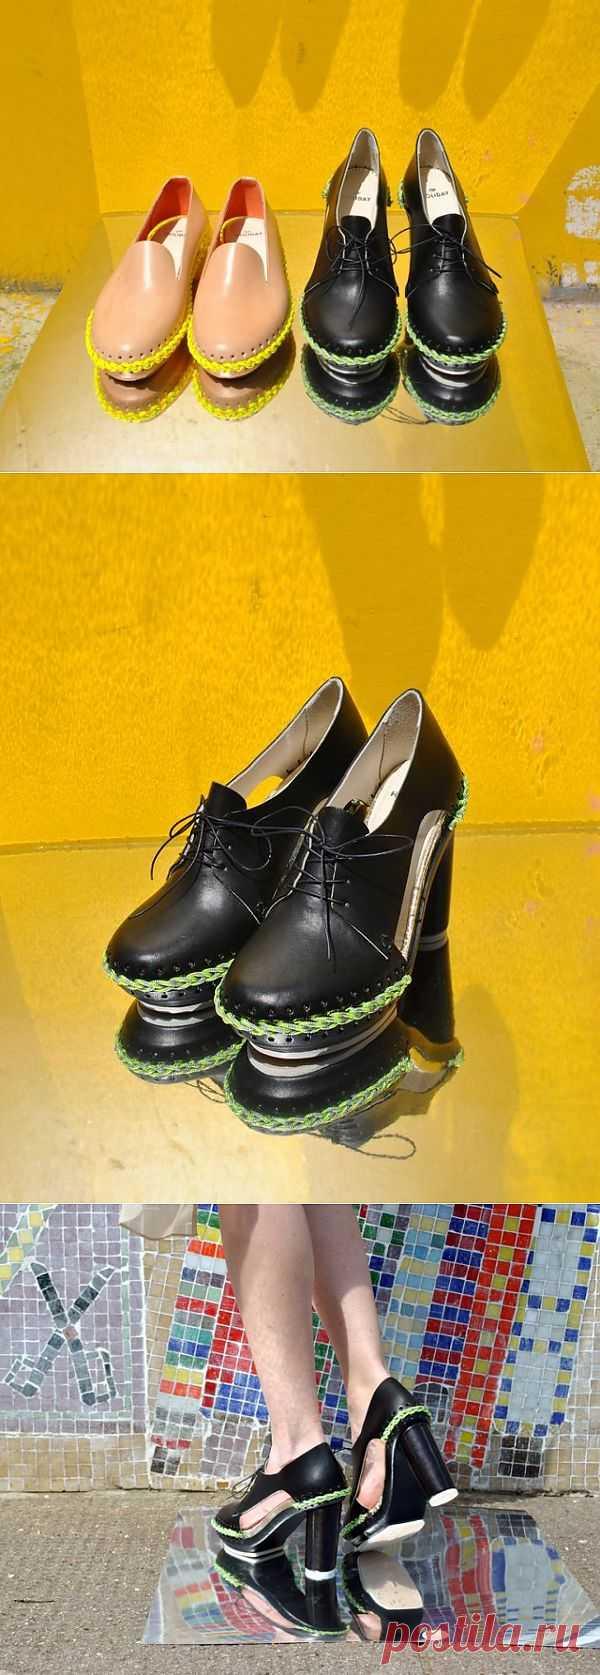 Декор обуви / Аксессуары (не украшения) / Модный сайт о стильной переделке одежды и интерьера